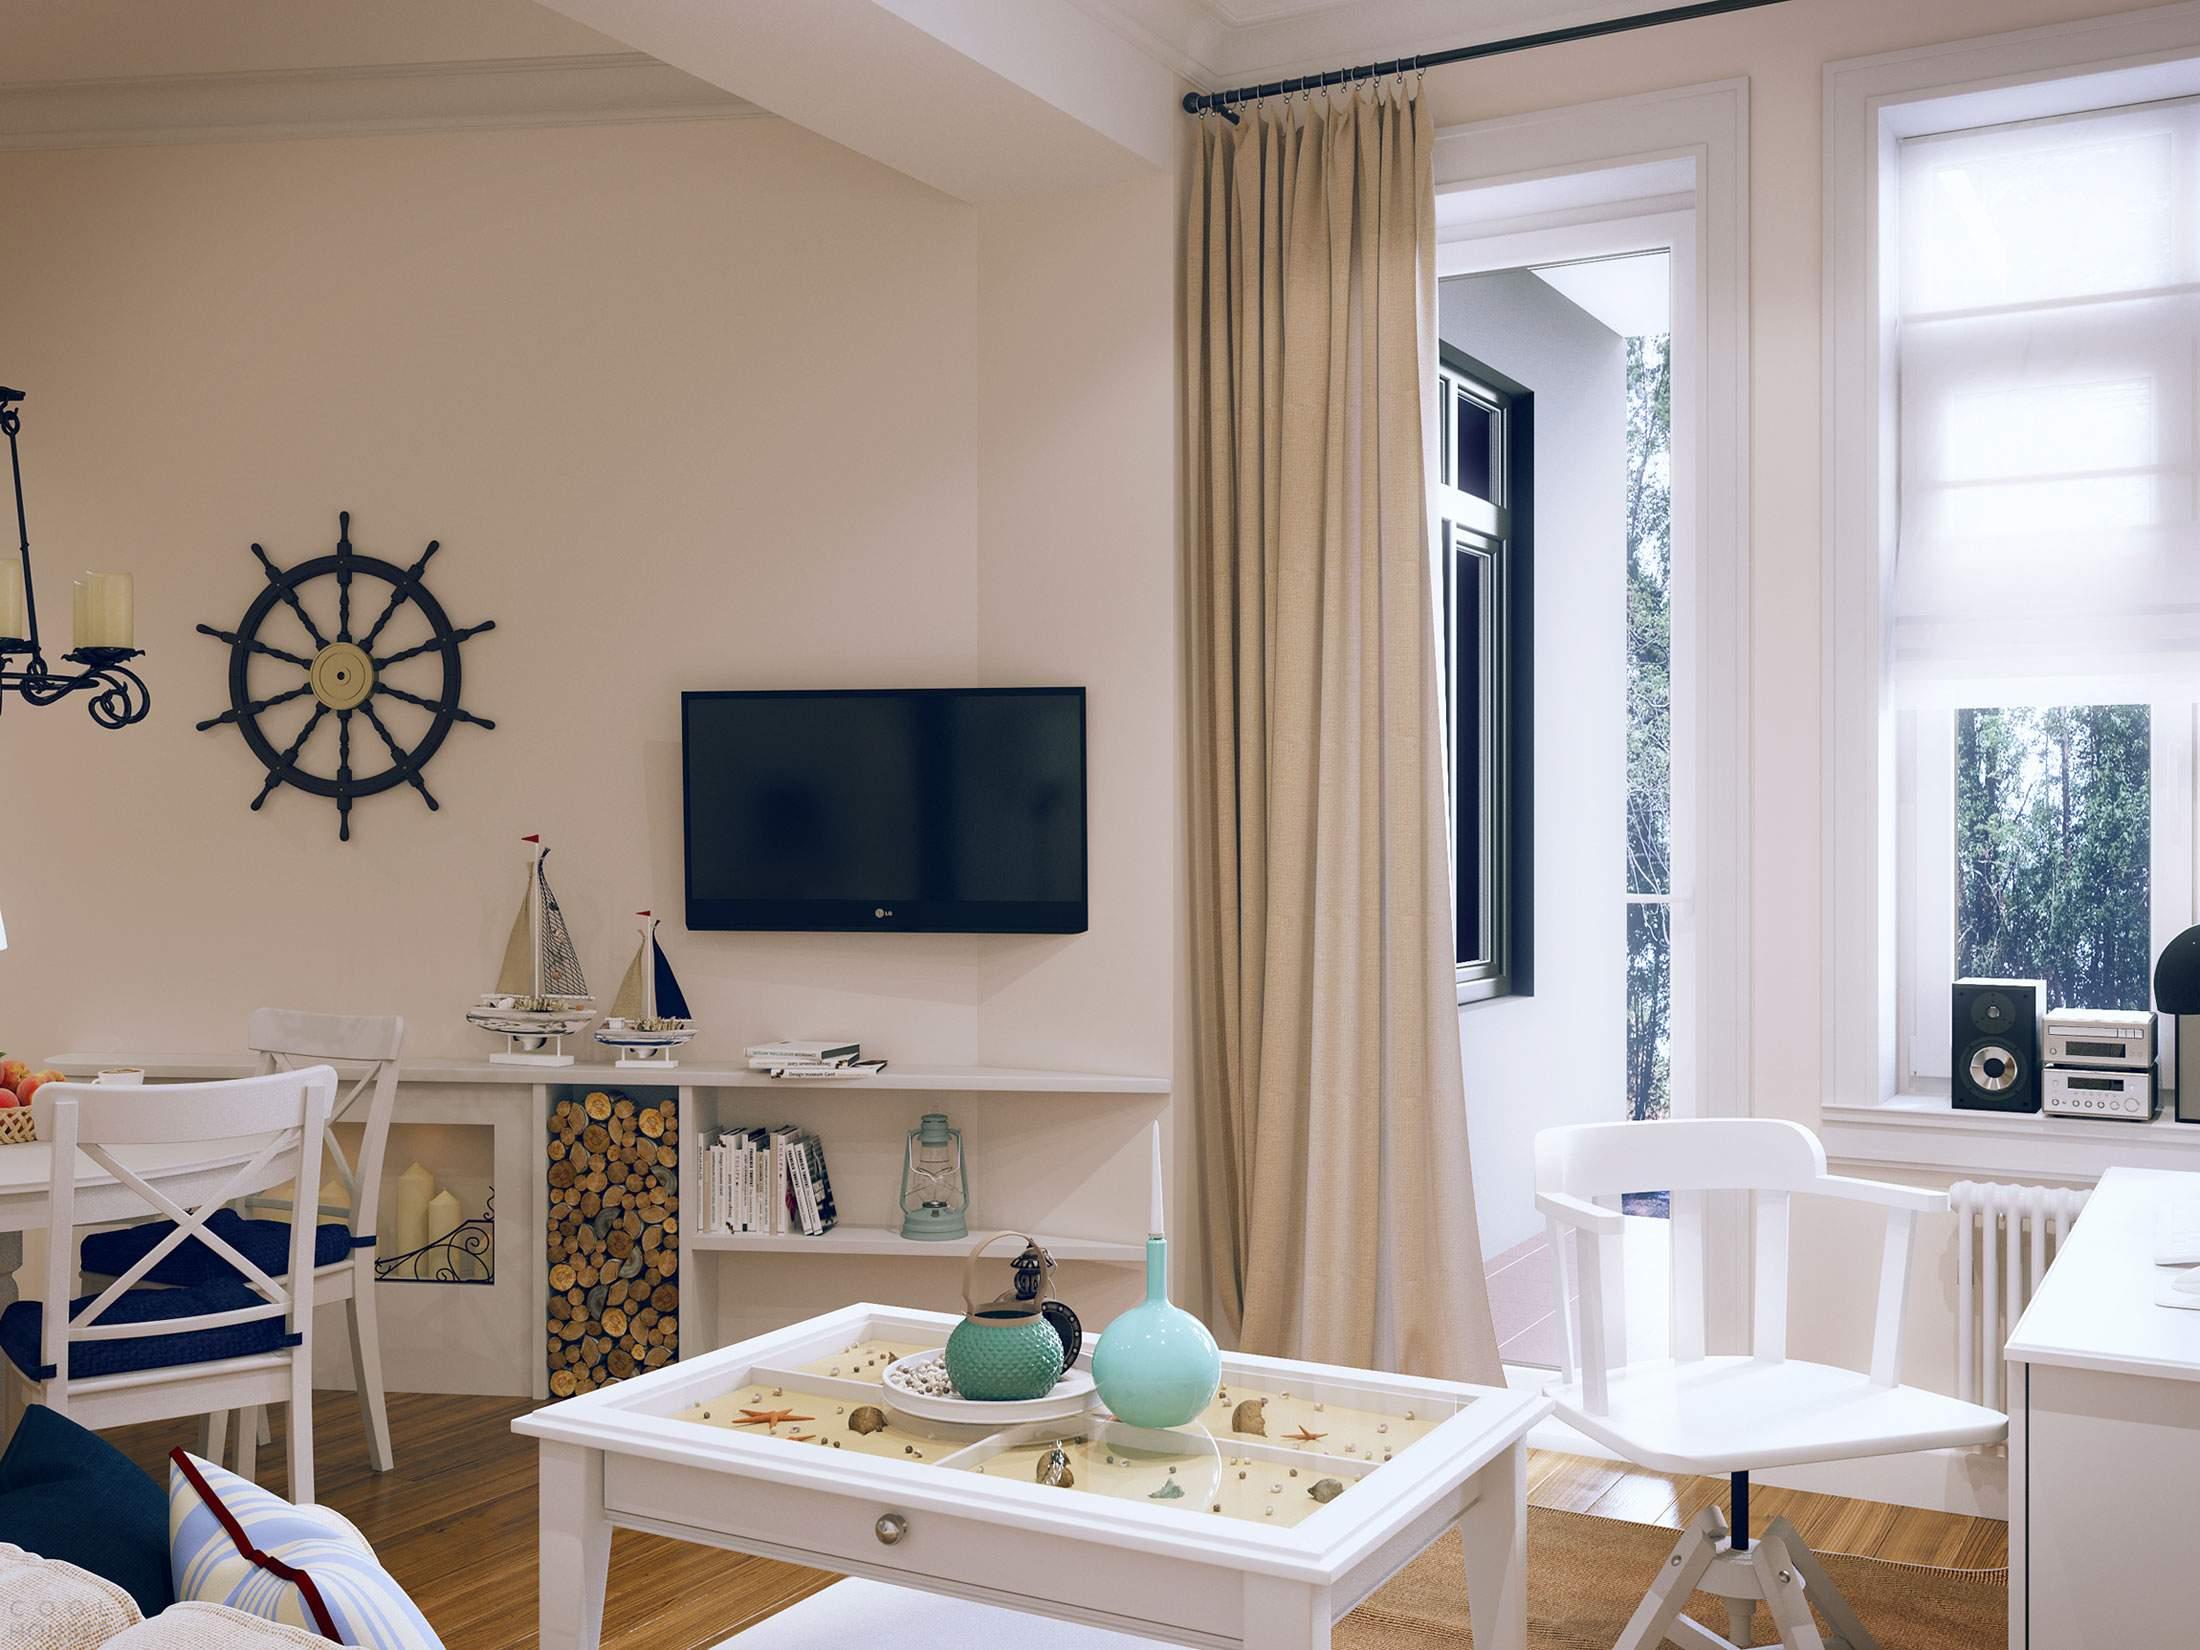 Современная квартира с интерьером в морском стиле в Санкт-Петербурге